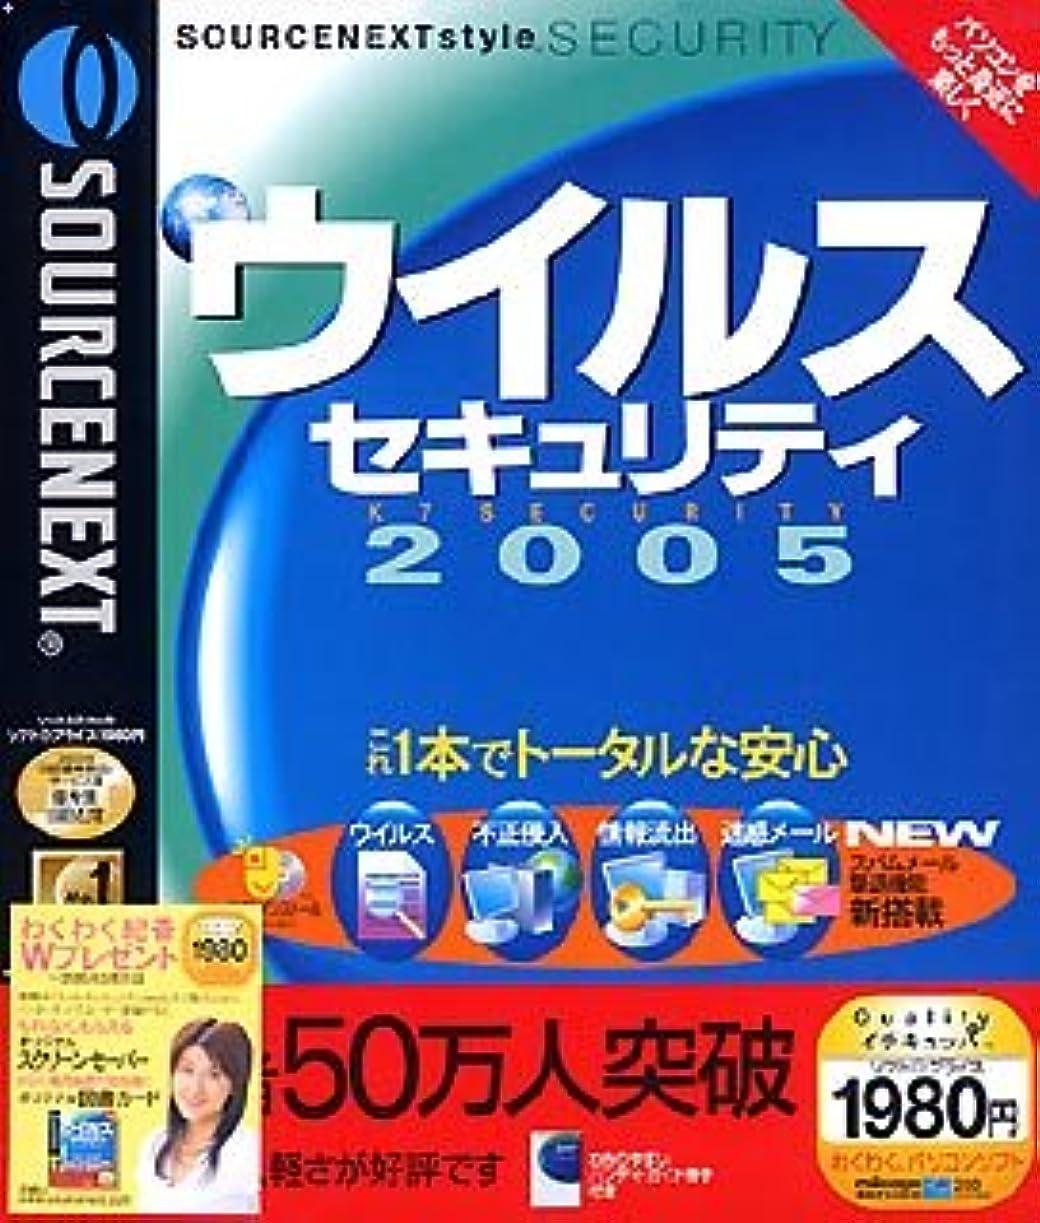 もろいペーストキャンドルウイルスセキュリティ 2005(旧版)